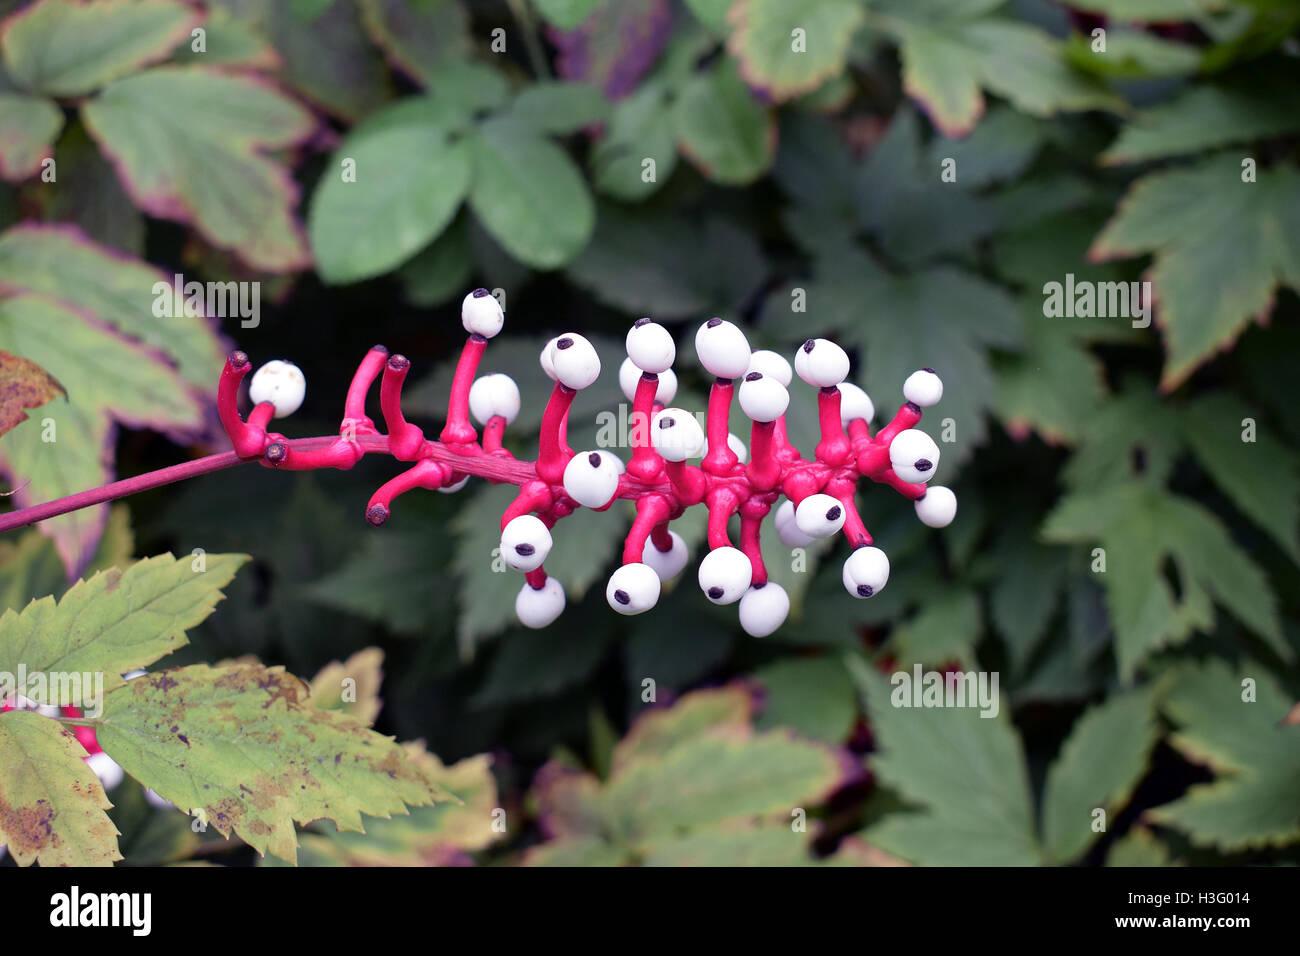 White baneberry (Actaea Alba) also known as White Doll's Eyes. - Stock Image